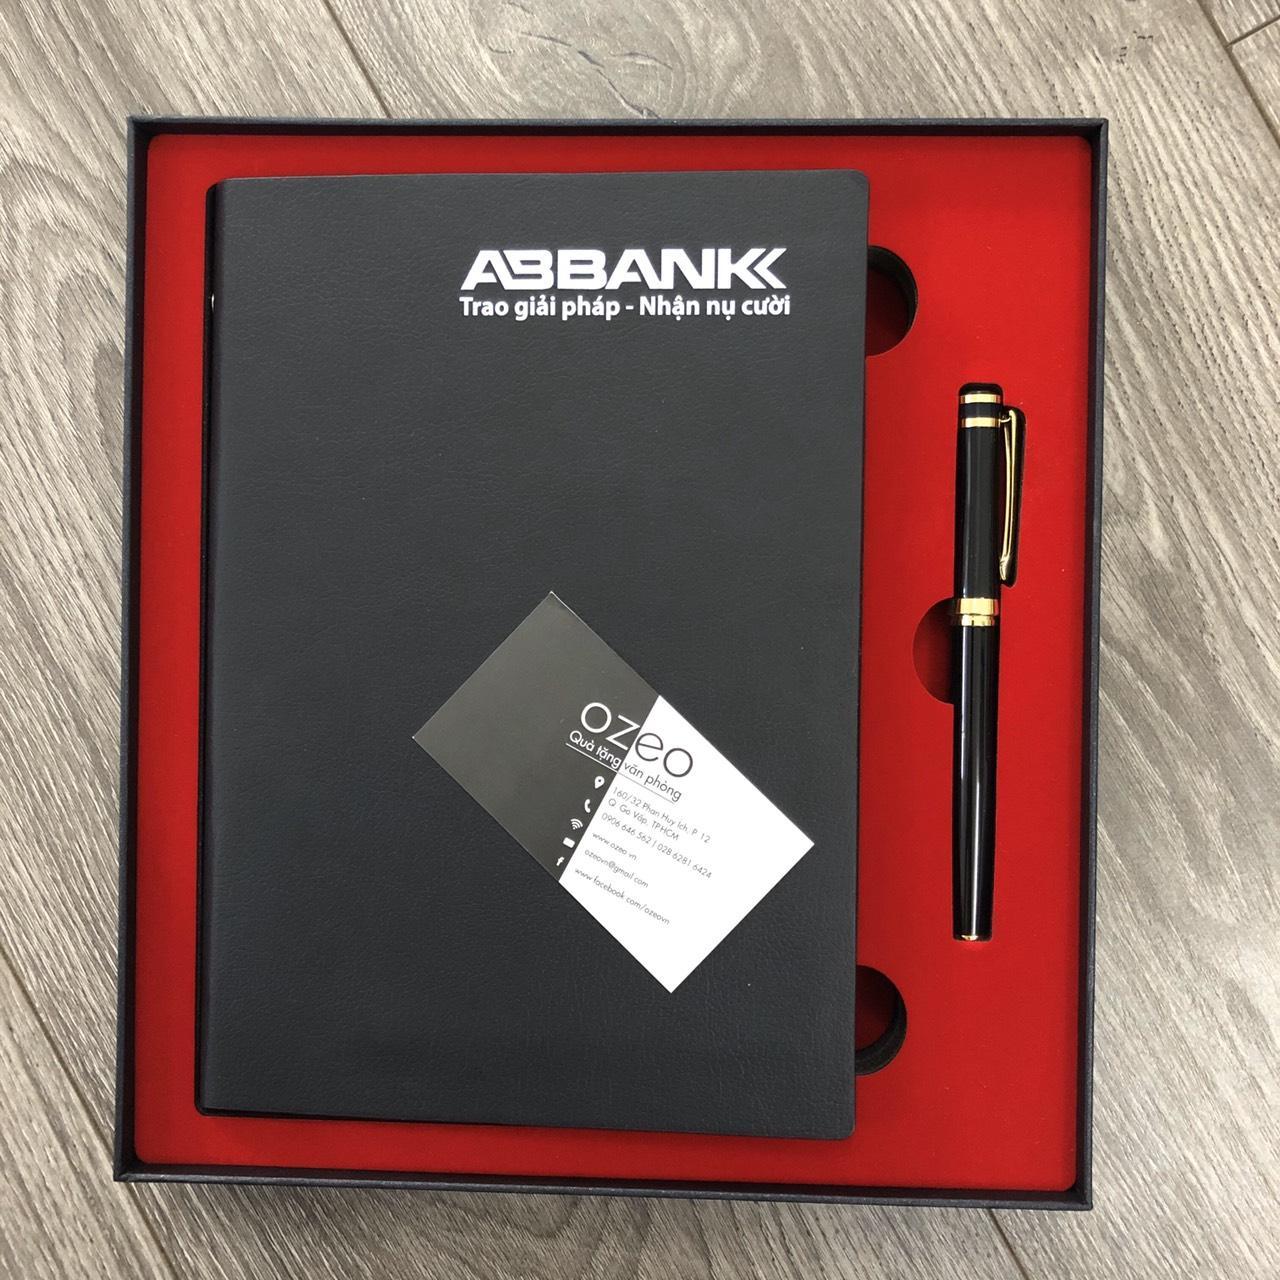 Bộ combo sổ da bìa còng 001 và bút kim loại BK072